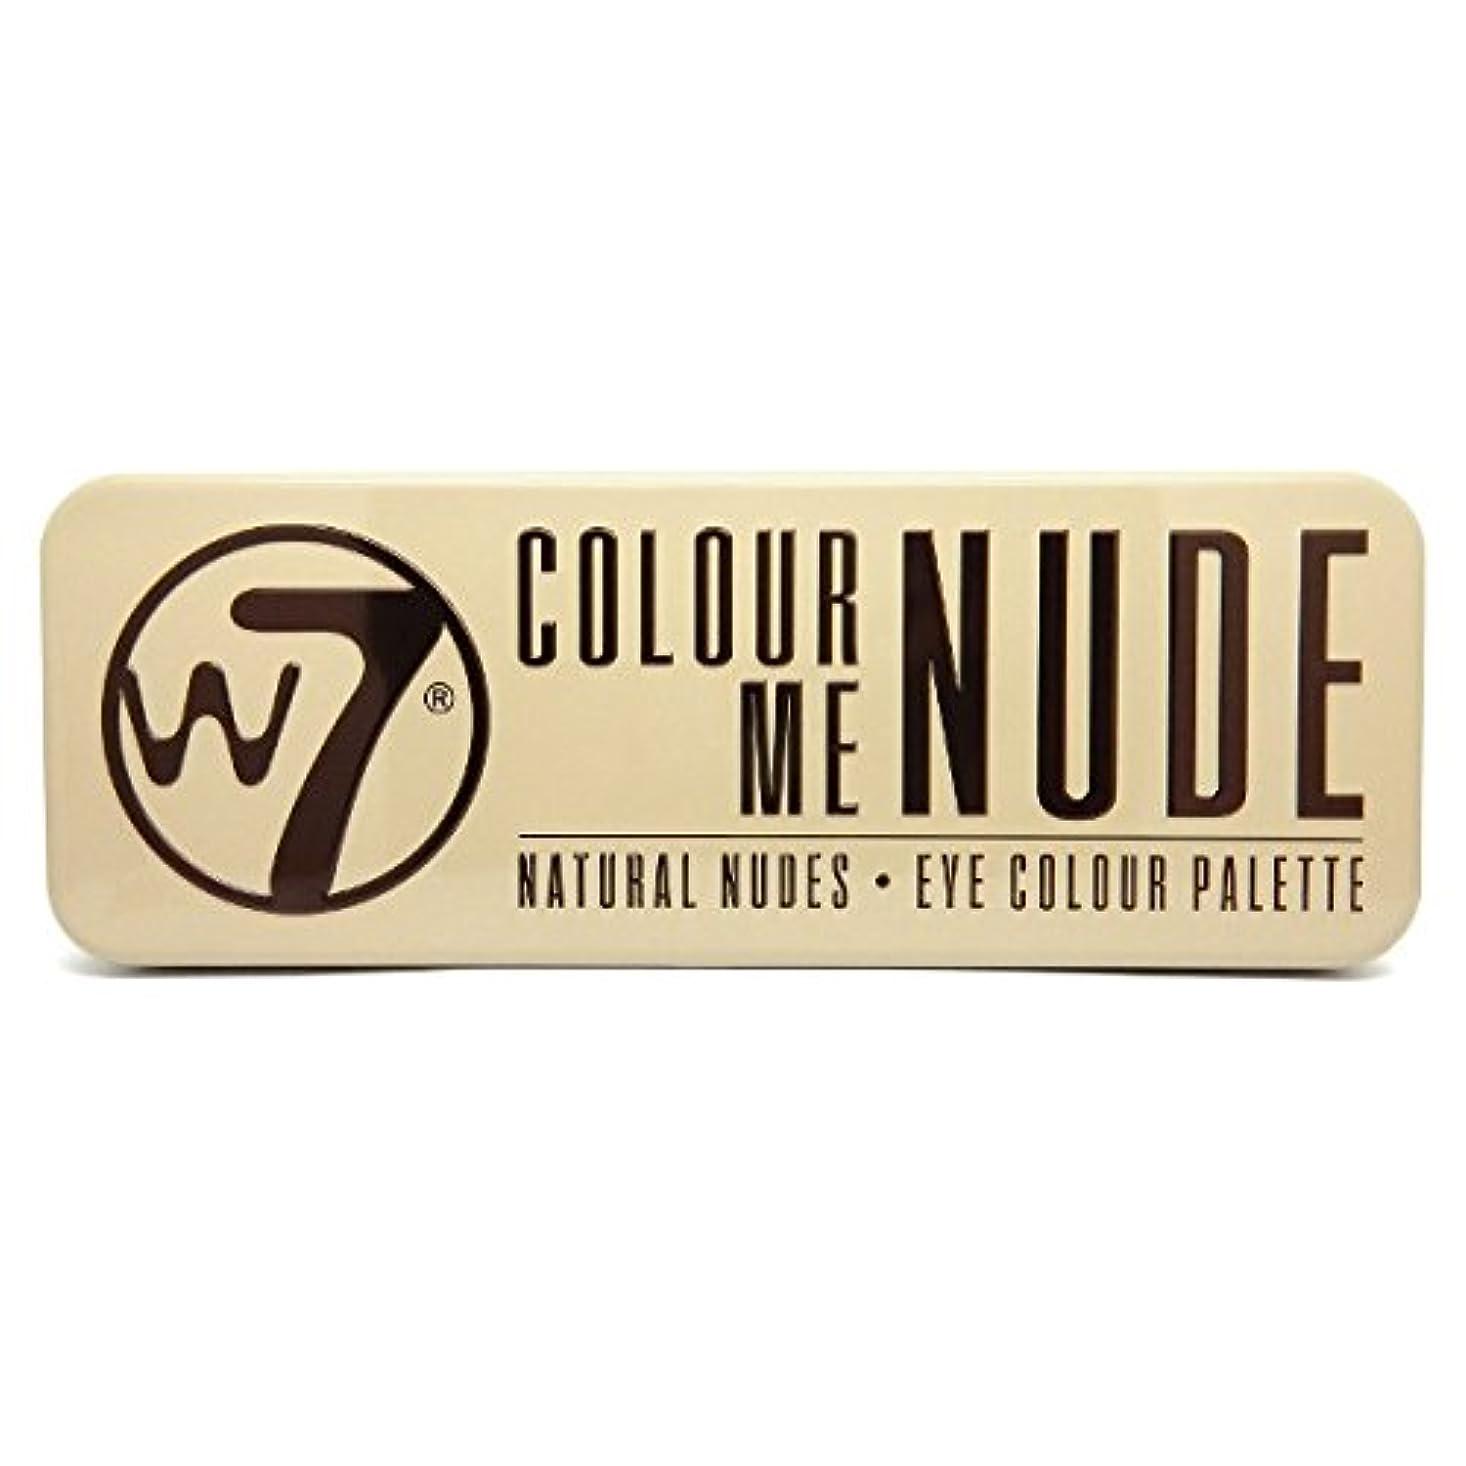 イブニング所属運賃W7 Colour Me Nude Natural Nudes Eye Colour Palette (並行輸入品)